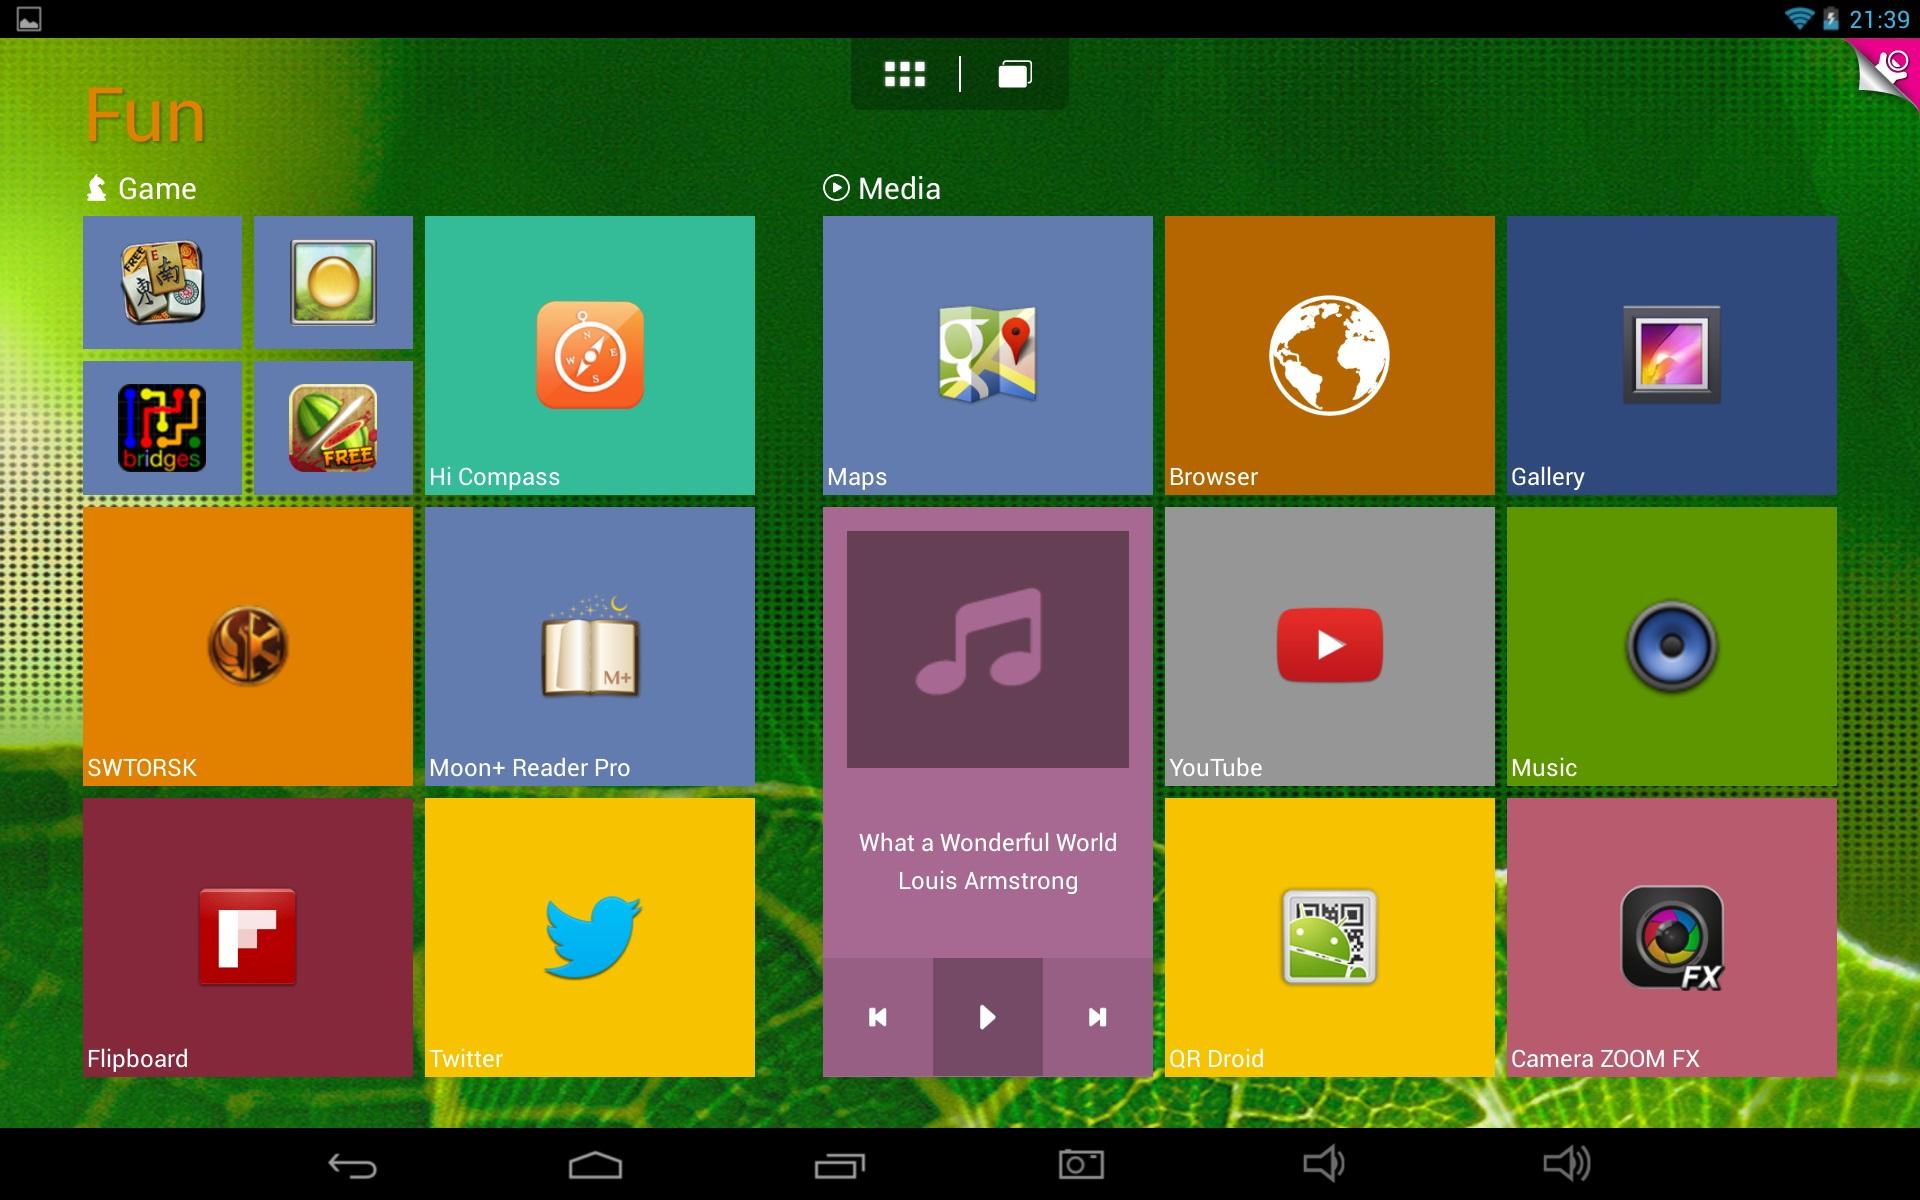 Screenshot_2013-10-18-21-39-35.jpg